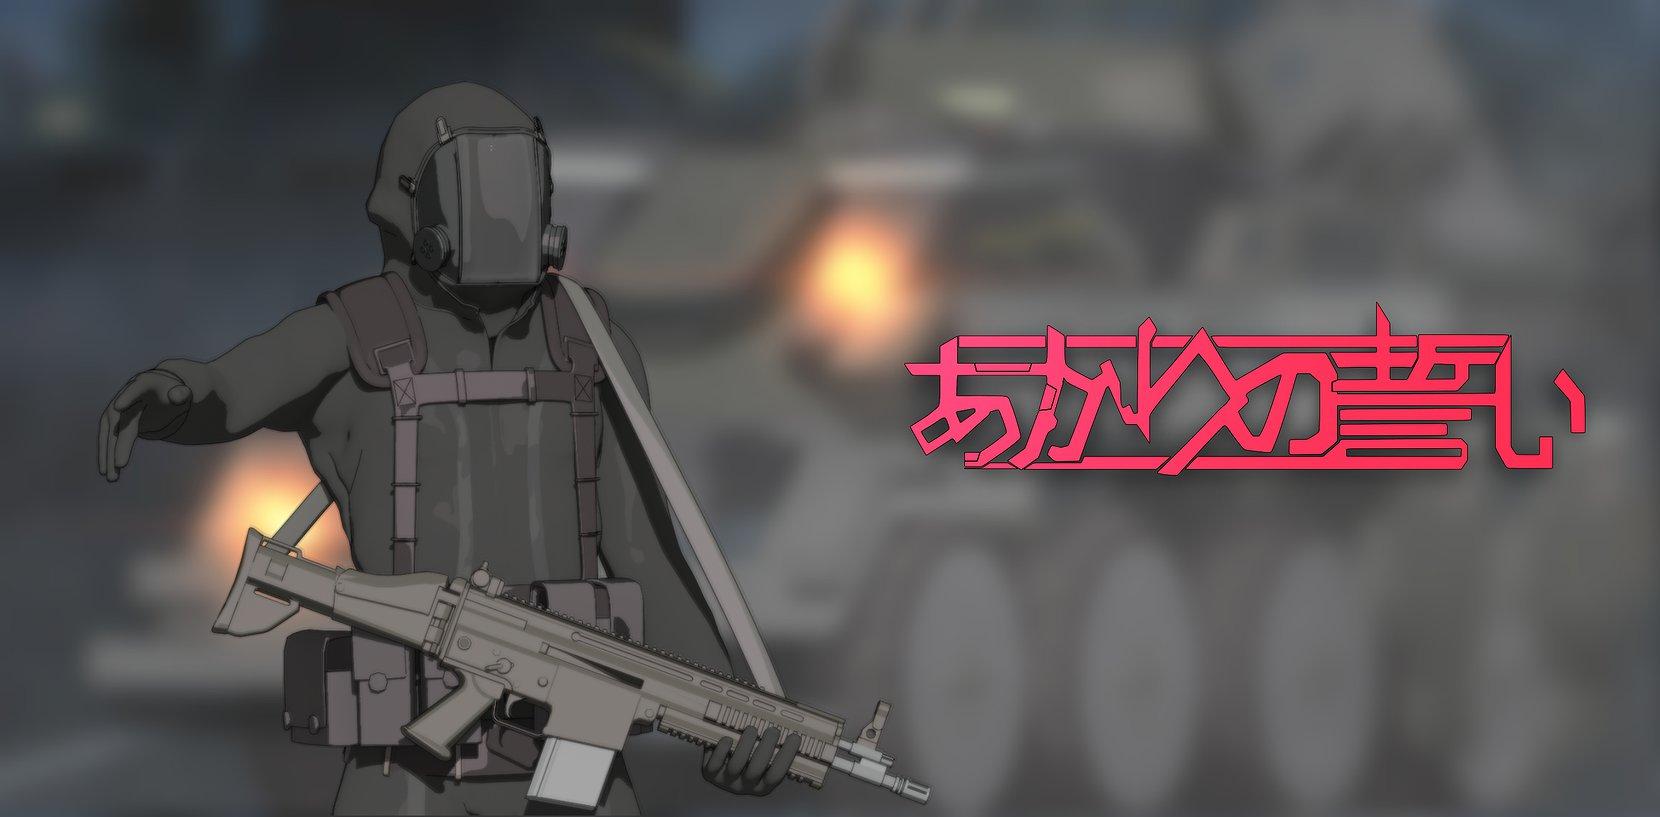 http://cdn1.wakanim.tv/actus/actualite/a/k/akari-no-chikai-visuel3.jpg